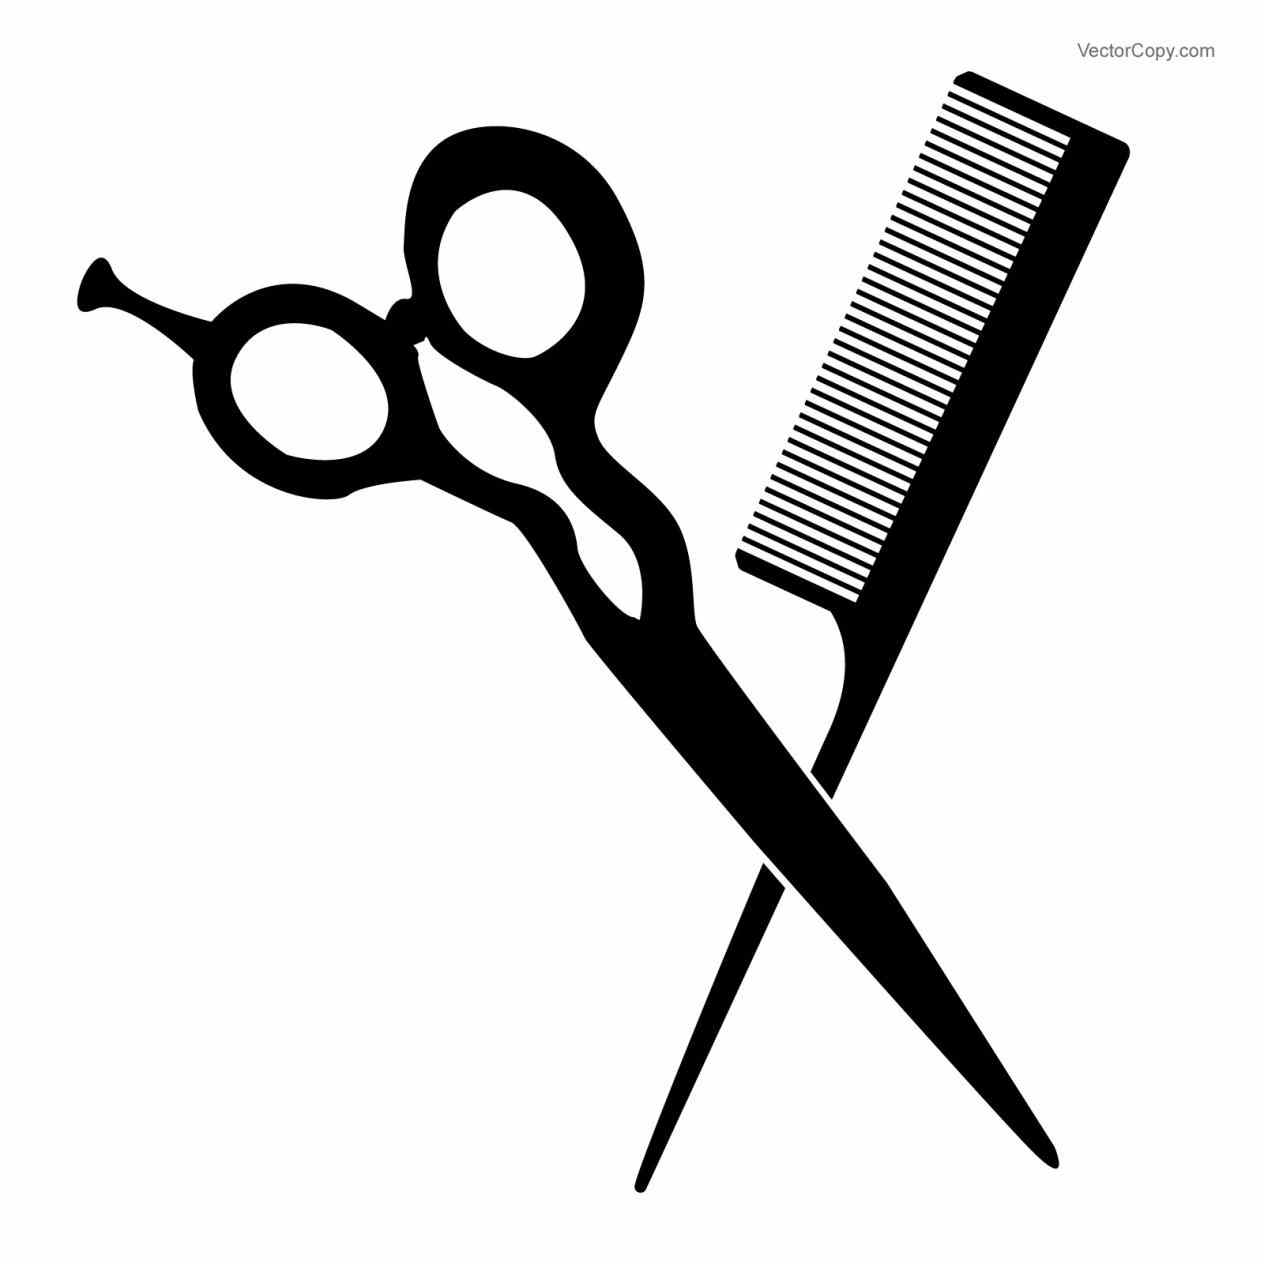 Shears clipart. Hair salon scissors clip